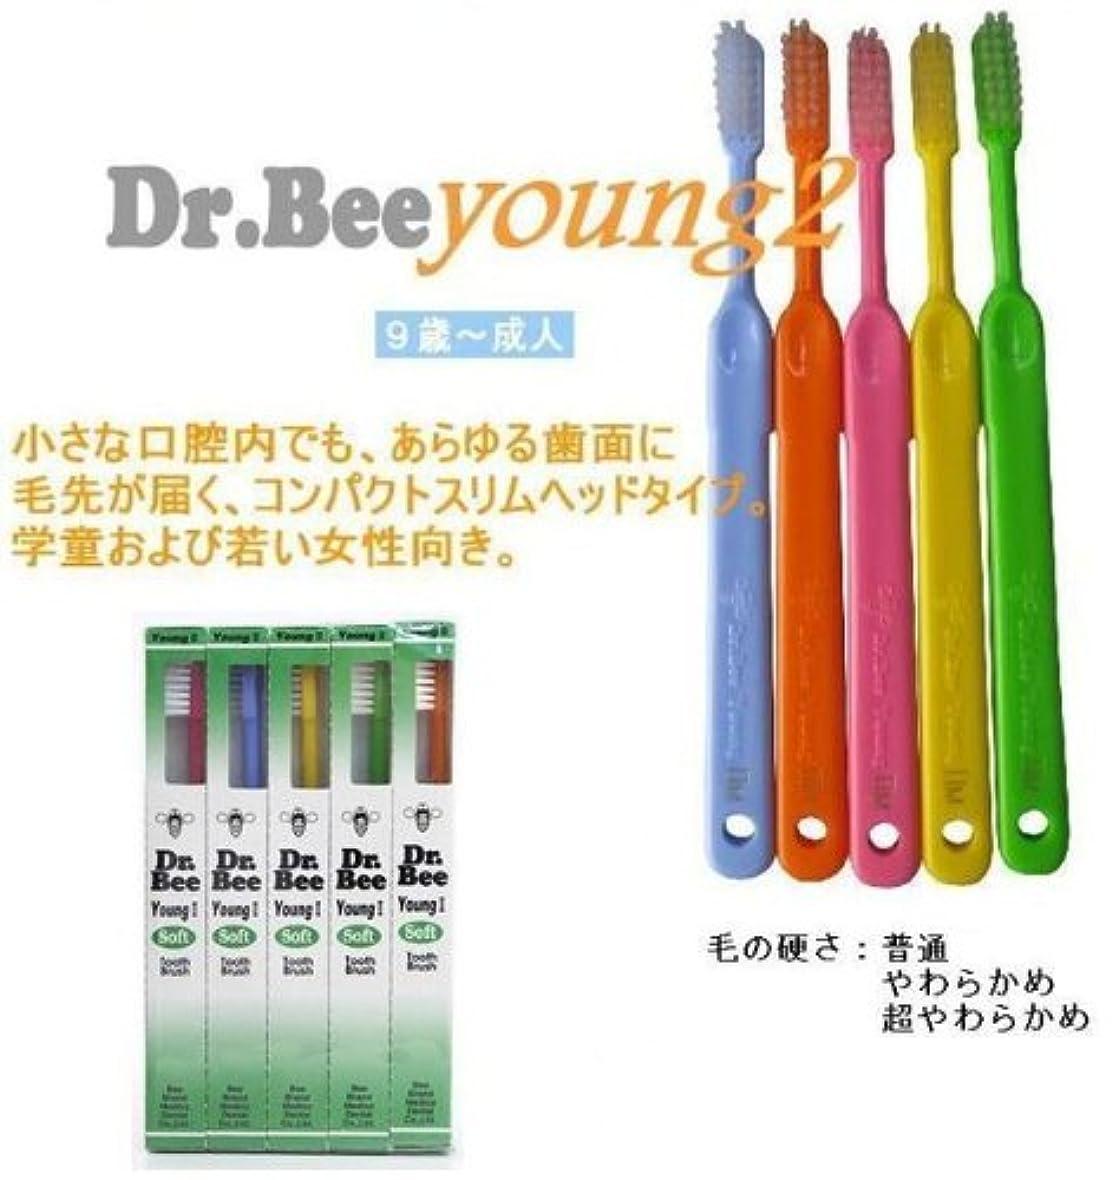 静めるグレートオークインシデントBeeBrand Dr.BEE 歯ブラシ ヤングII ミディアム